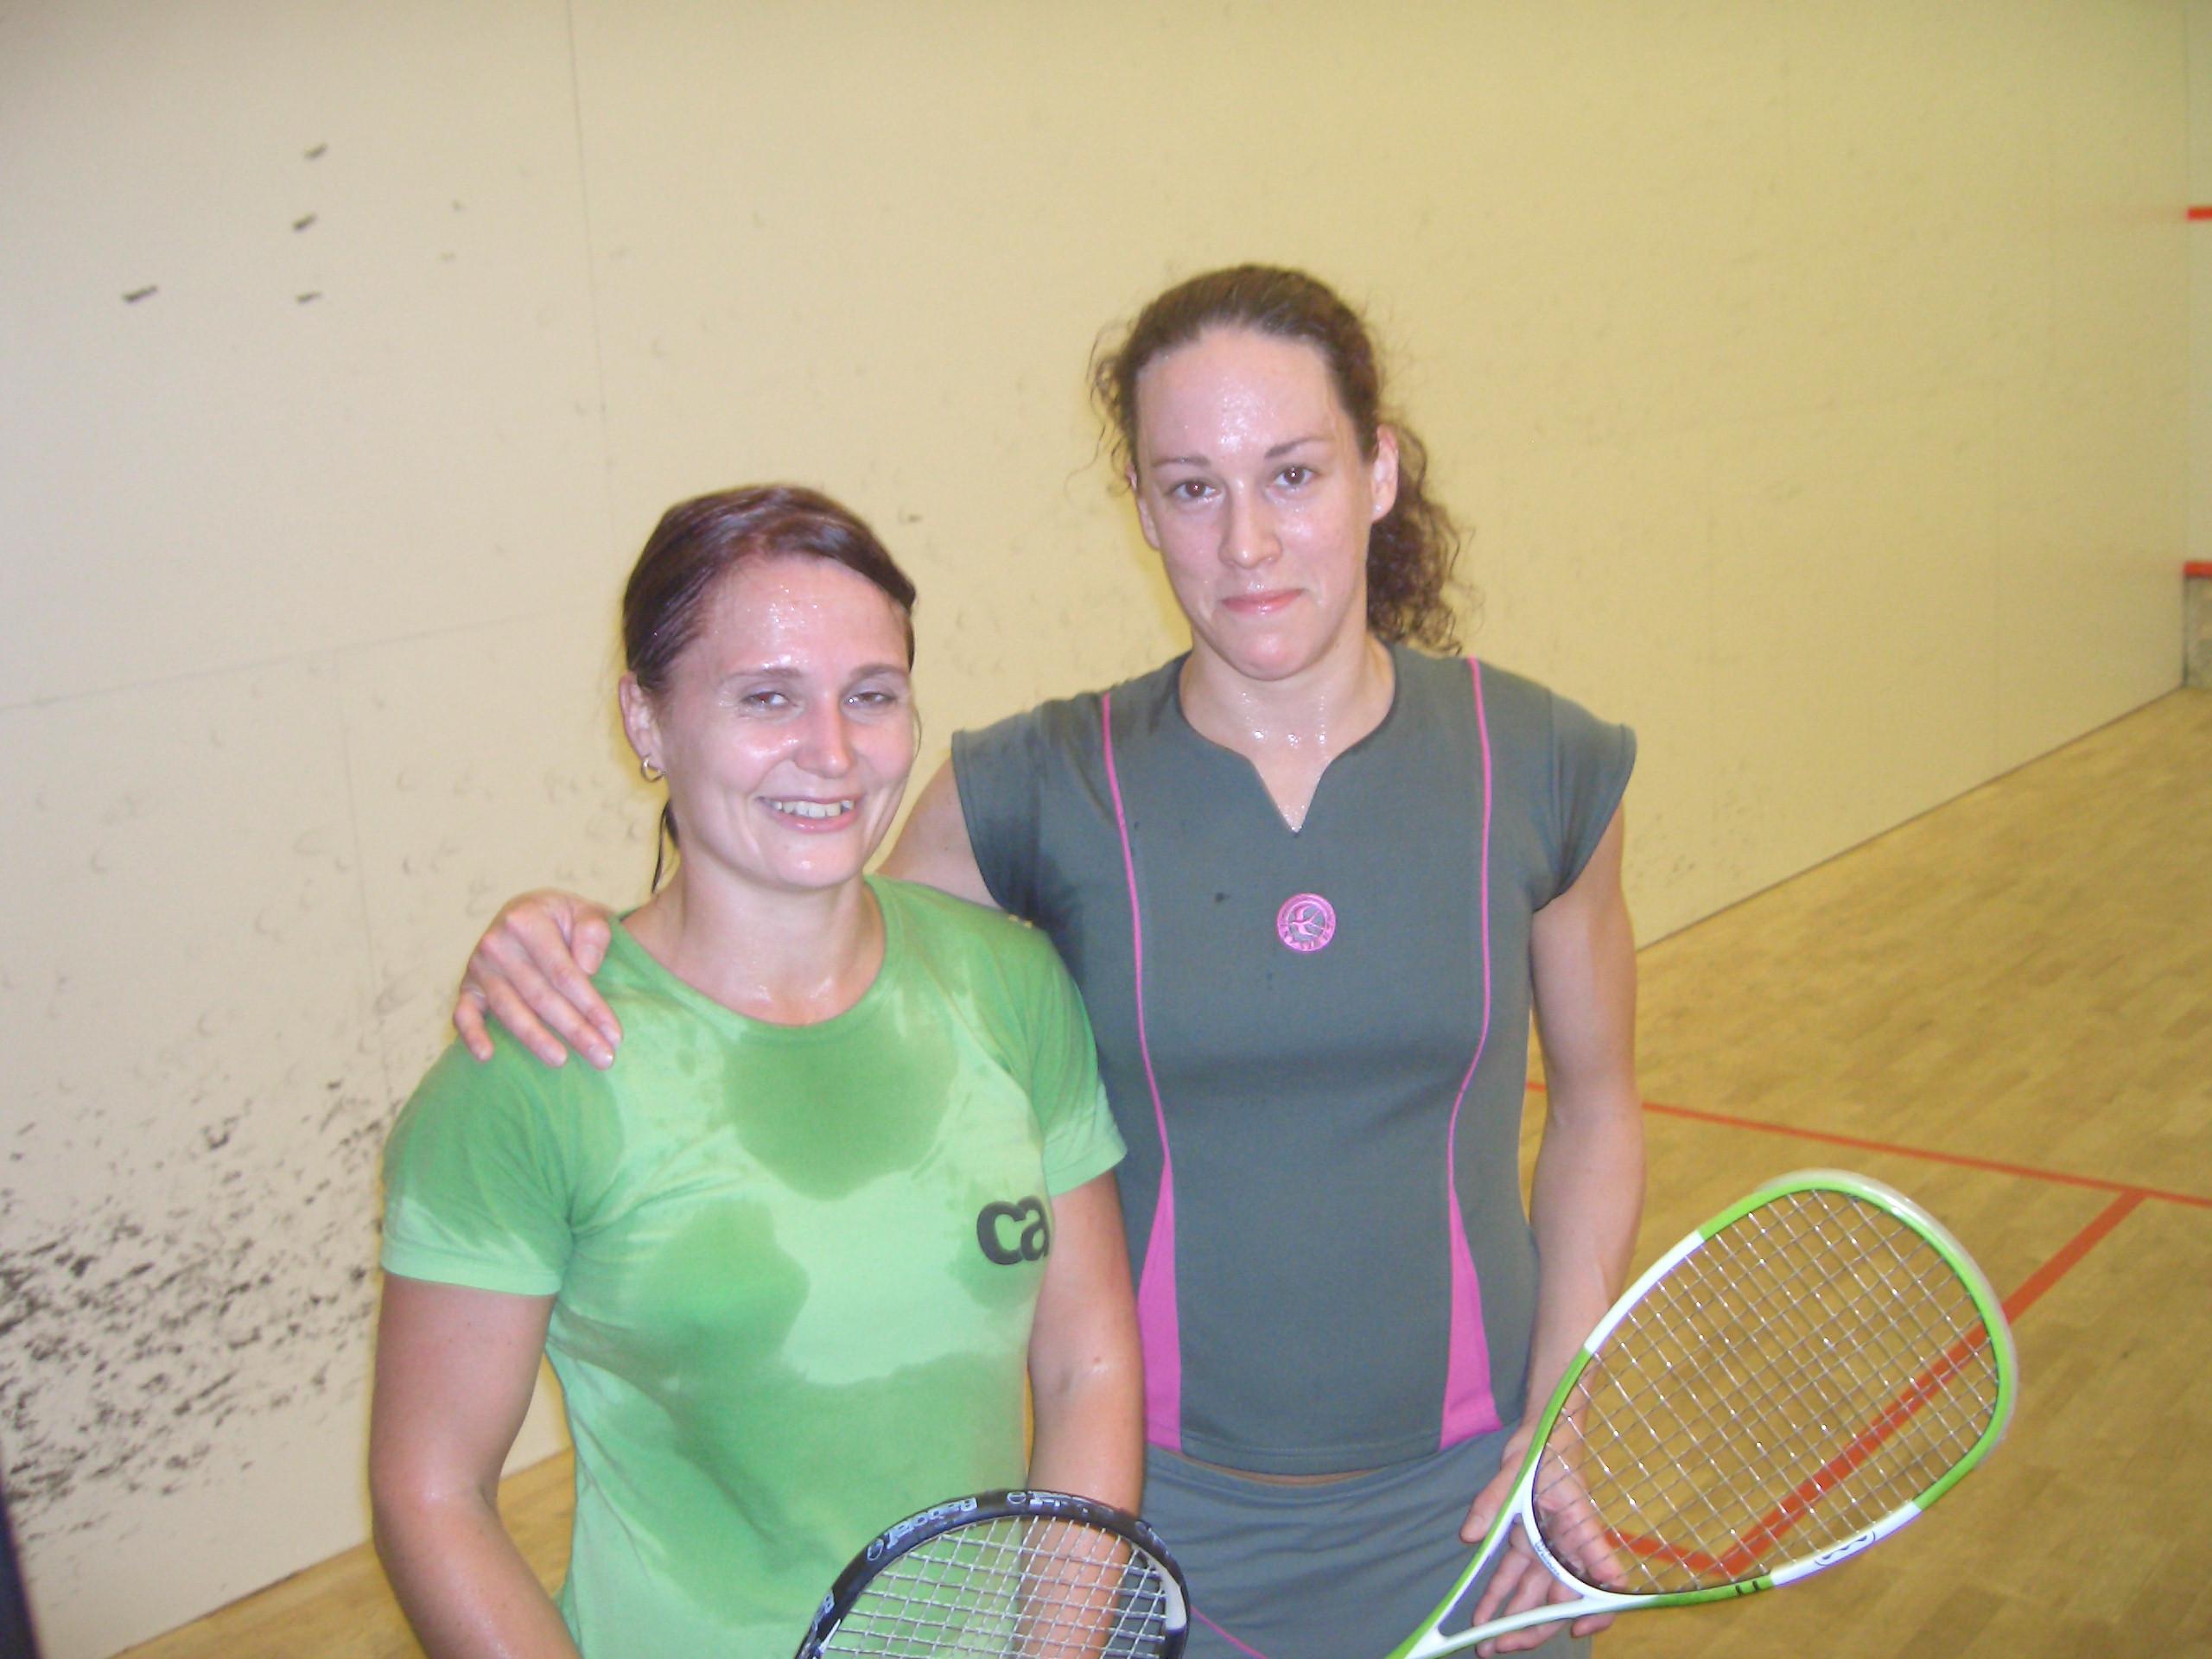 Hanna ja Laura Mylotte